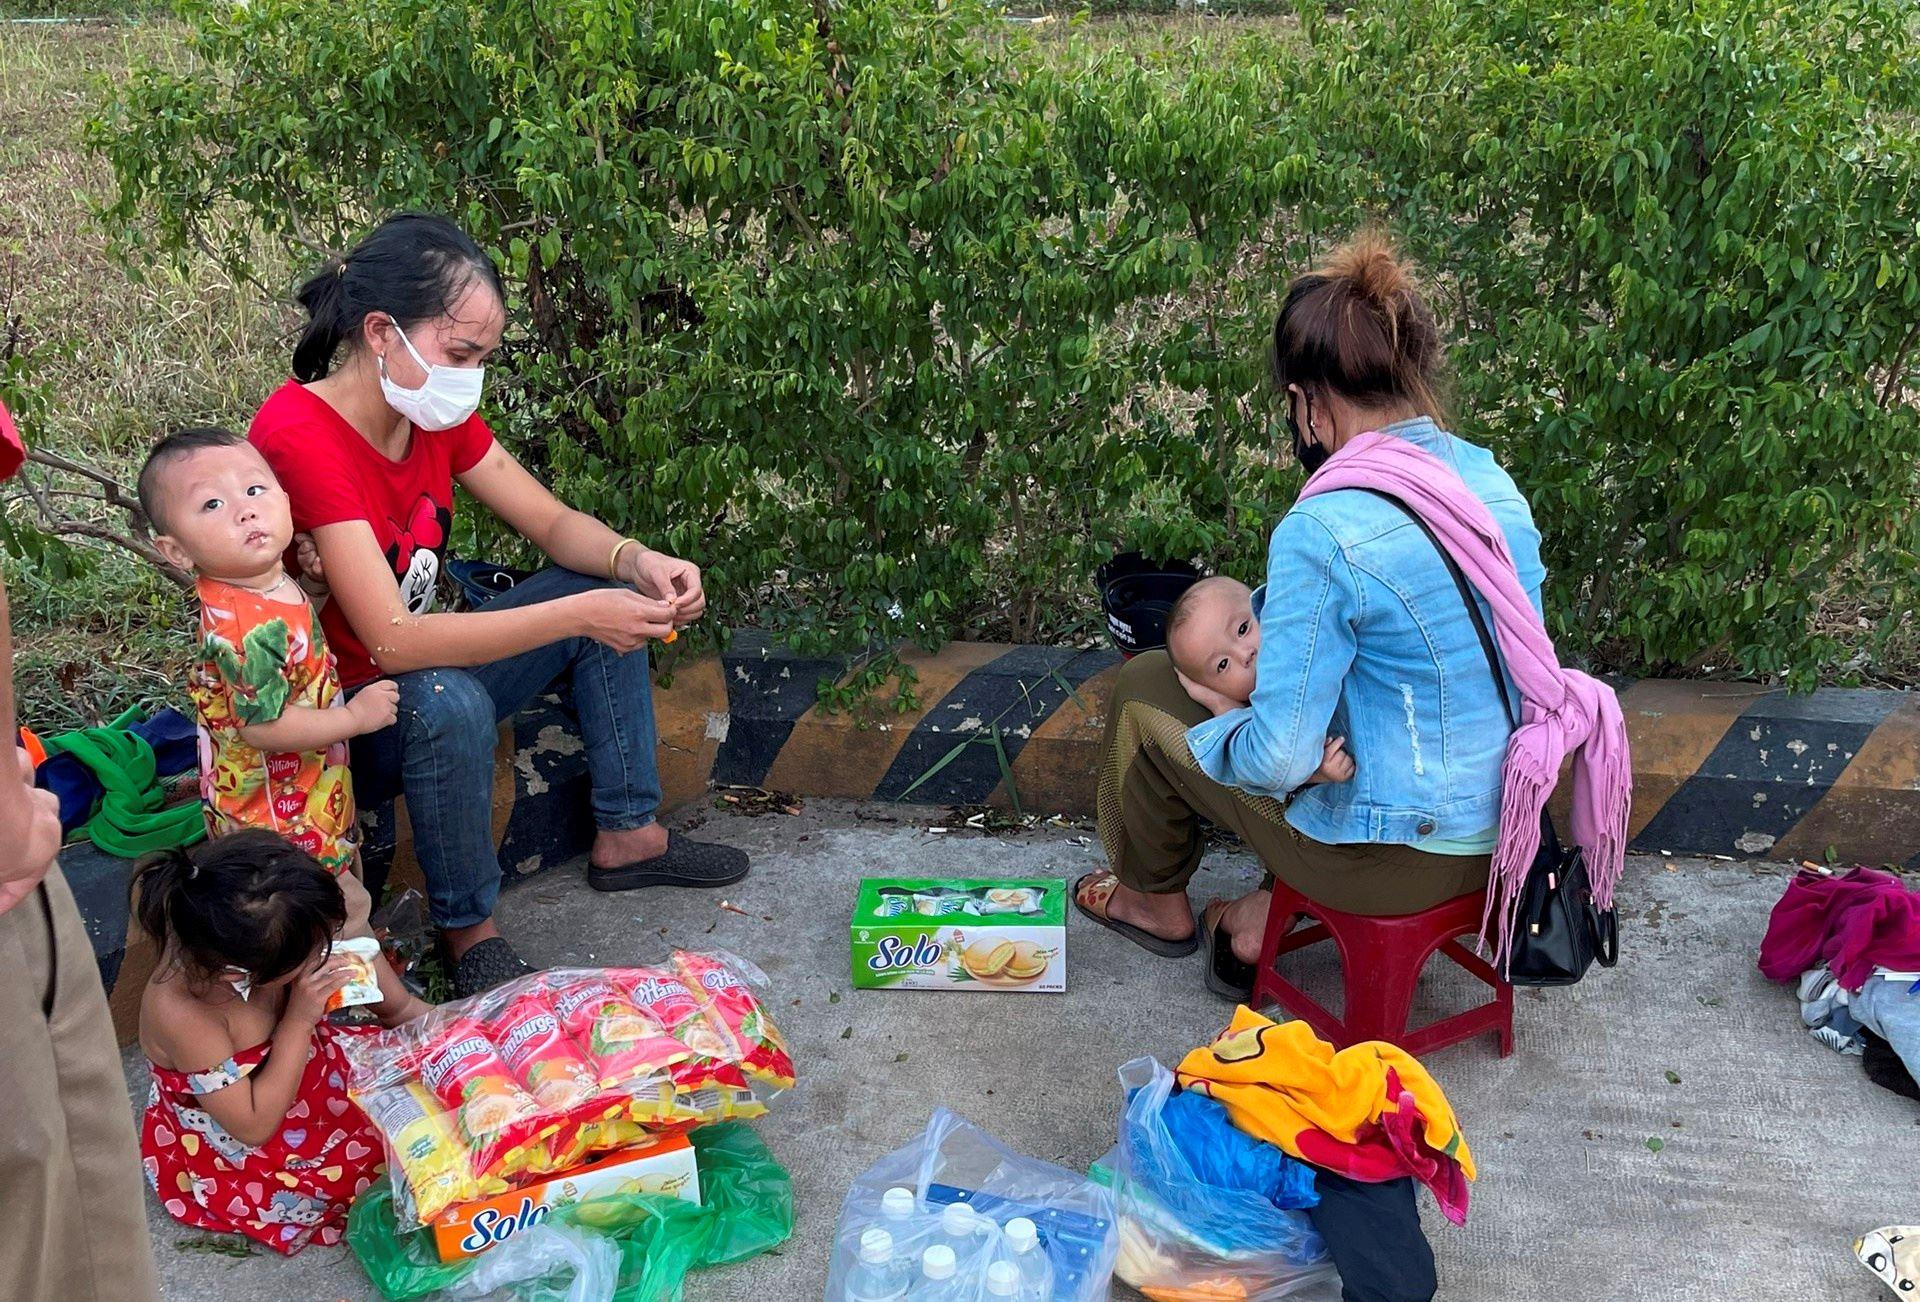 Hai người vợ cùng 3 con nhỏ bị 2 người chồng 'bỏ quên'tại chốt kiểm soát dịch.Ảnh Bảo Trung.